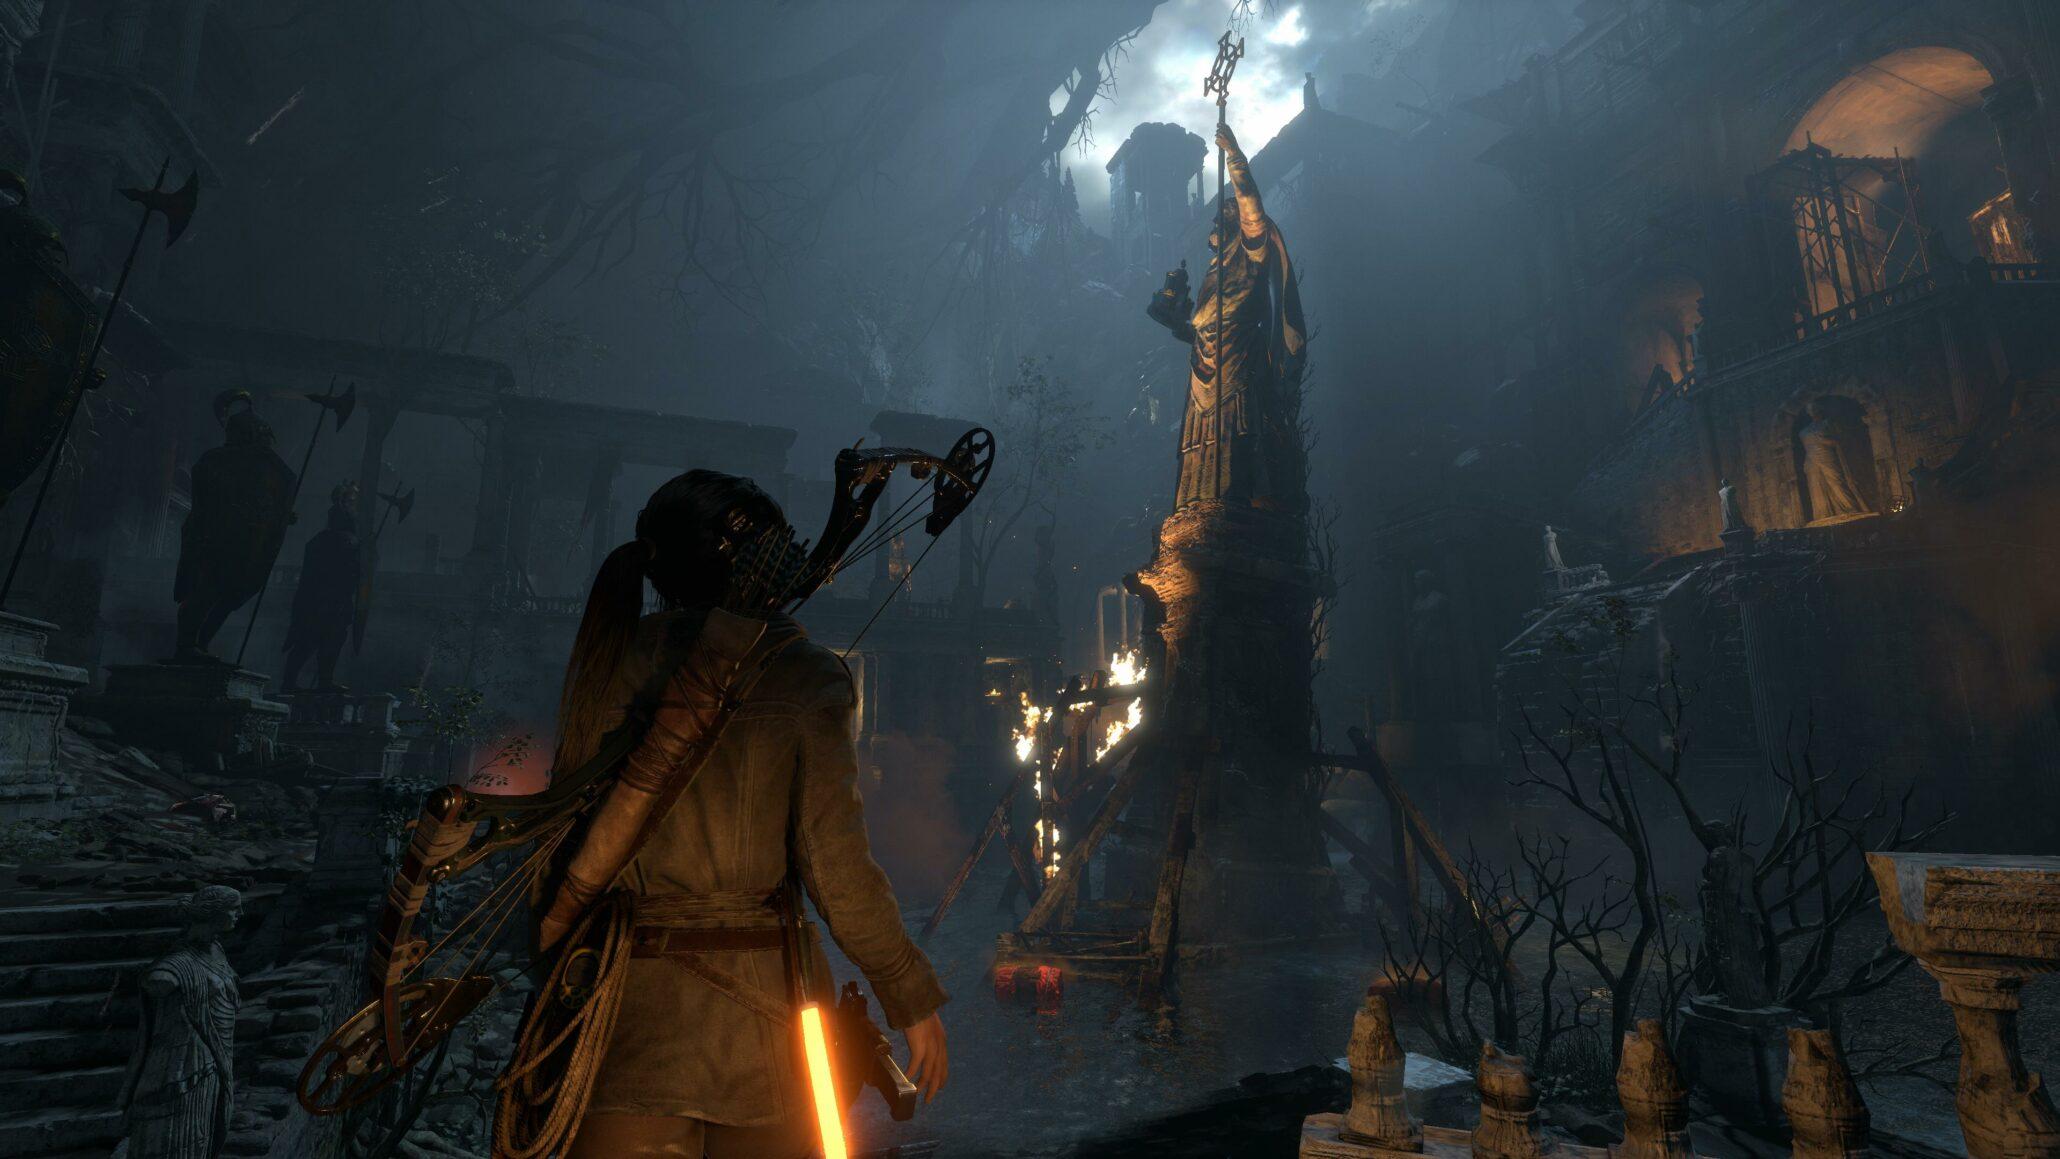 Rise of the Tomb Raider Xbox One X vs PS4 Pro Comparison